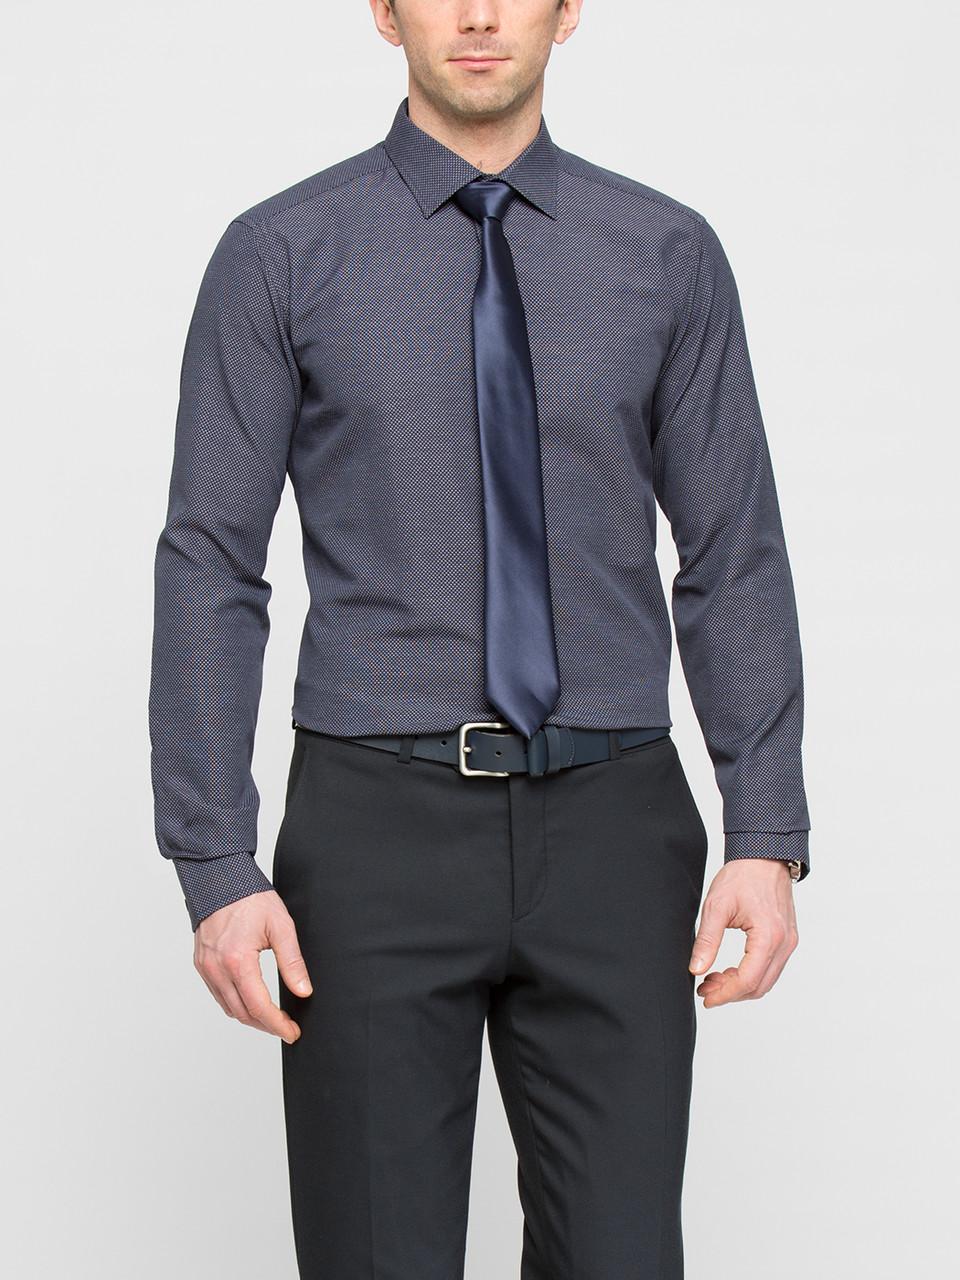 Мужская рубашка LC Waikiki синего цвета в мелкую клетку